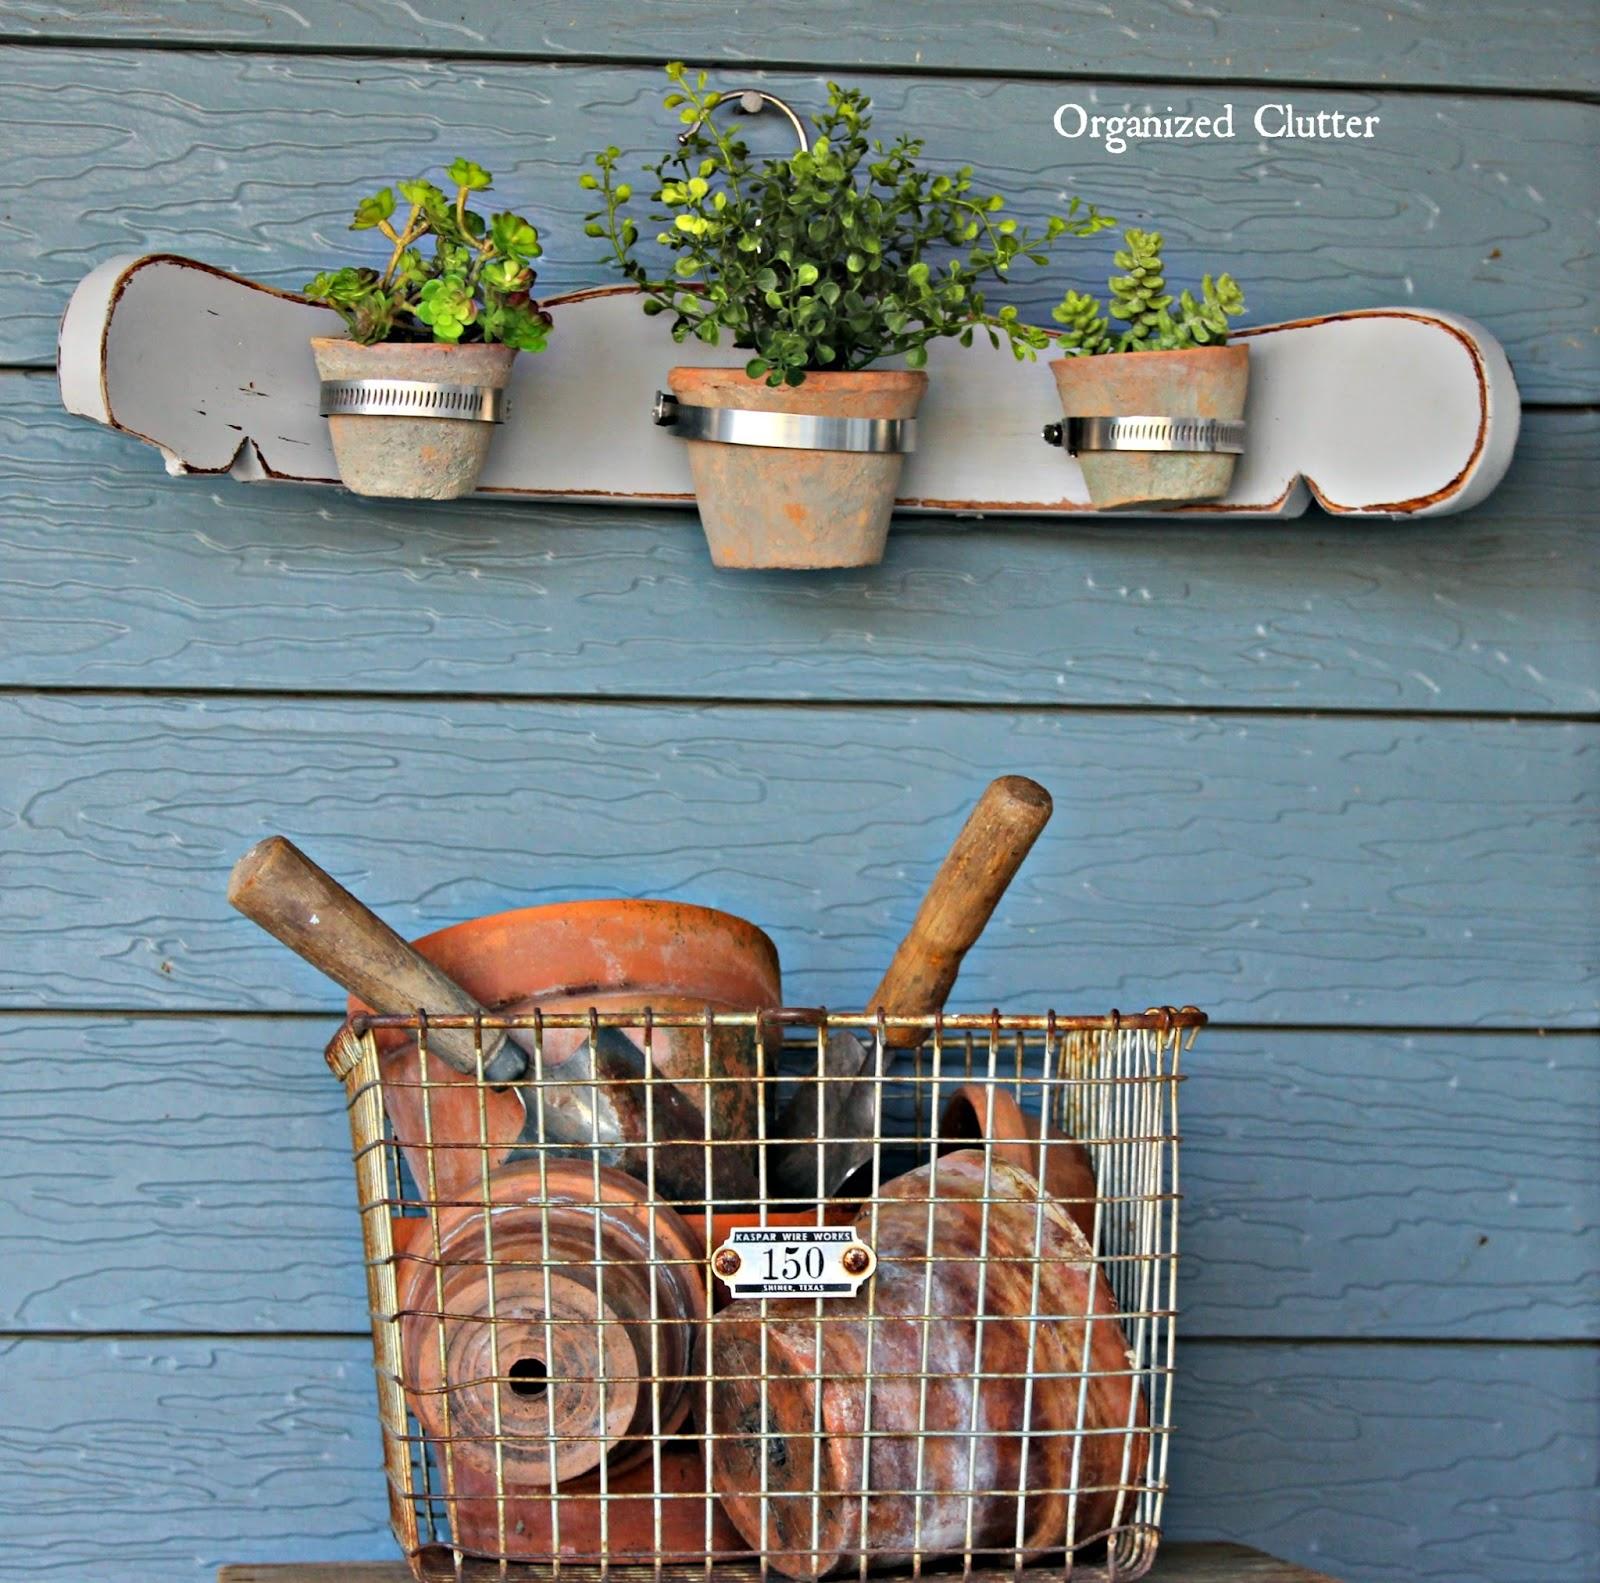 Re-purposed Chair Back Terracotta Pot Display www.organizedclutter.net